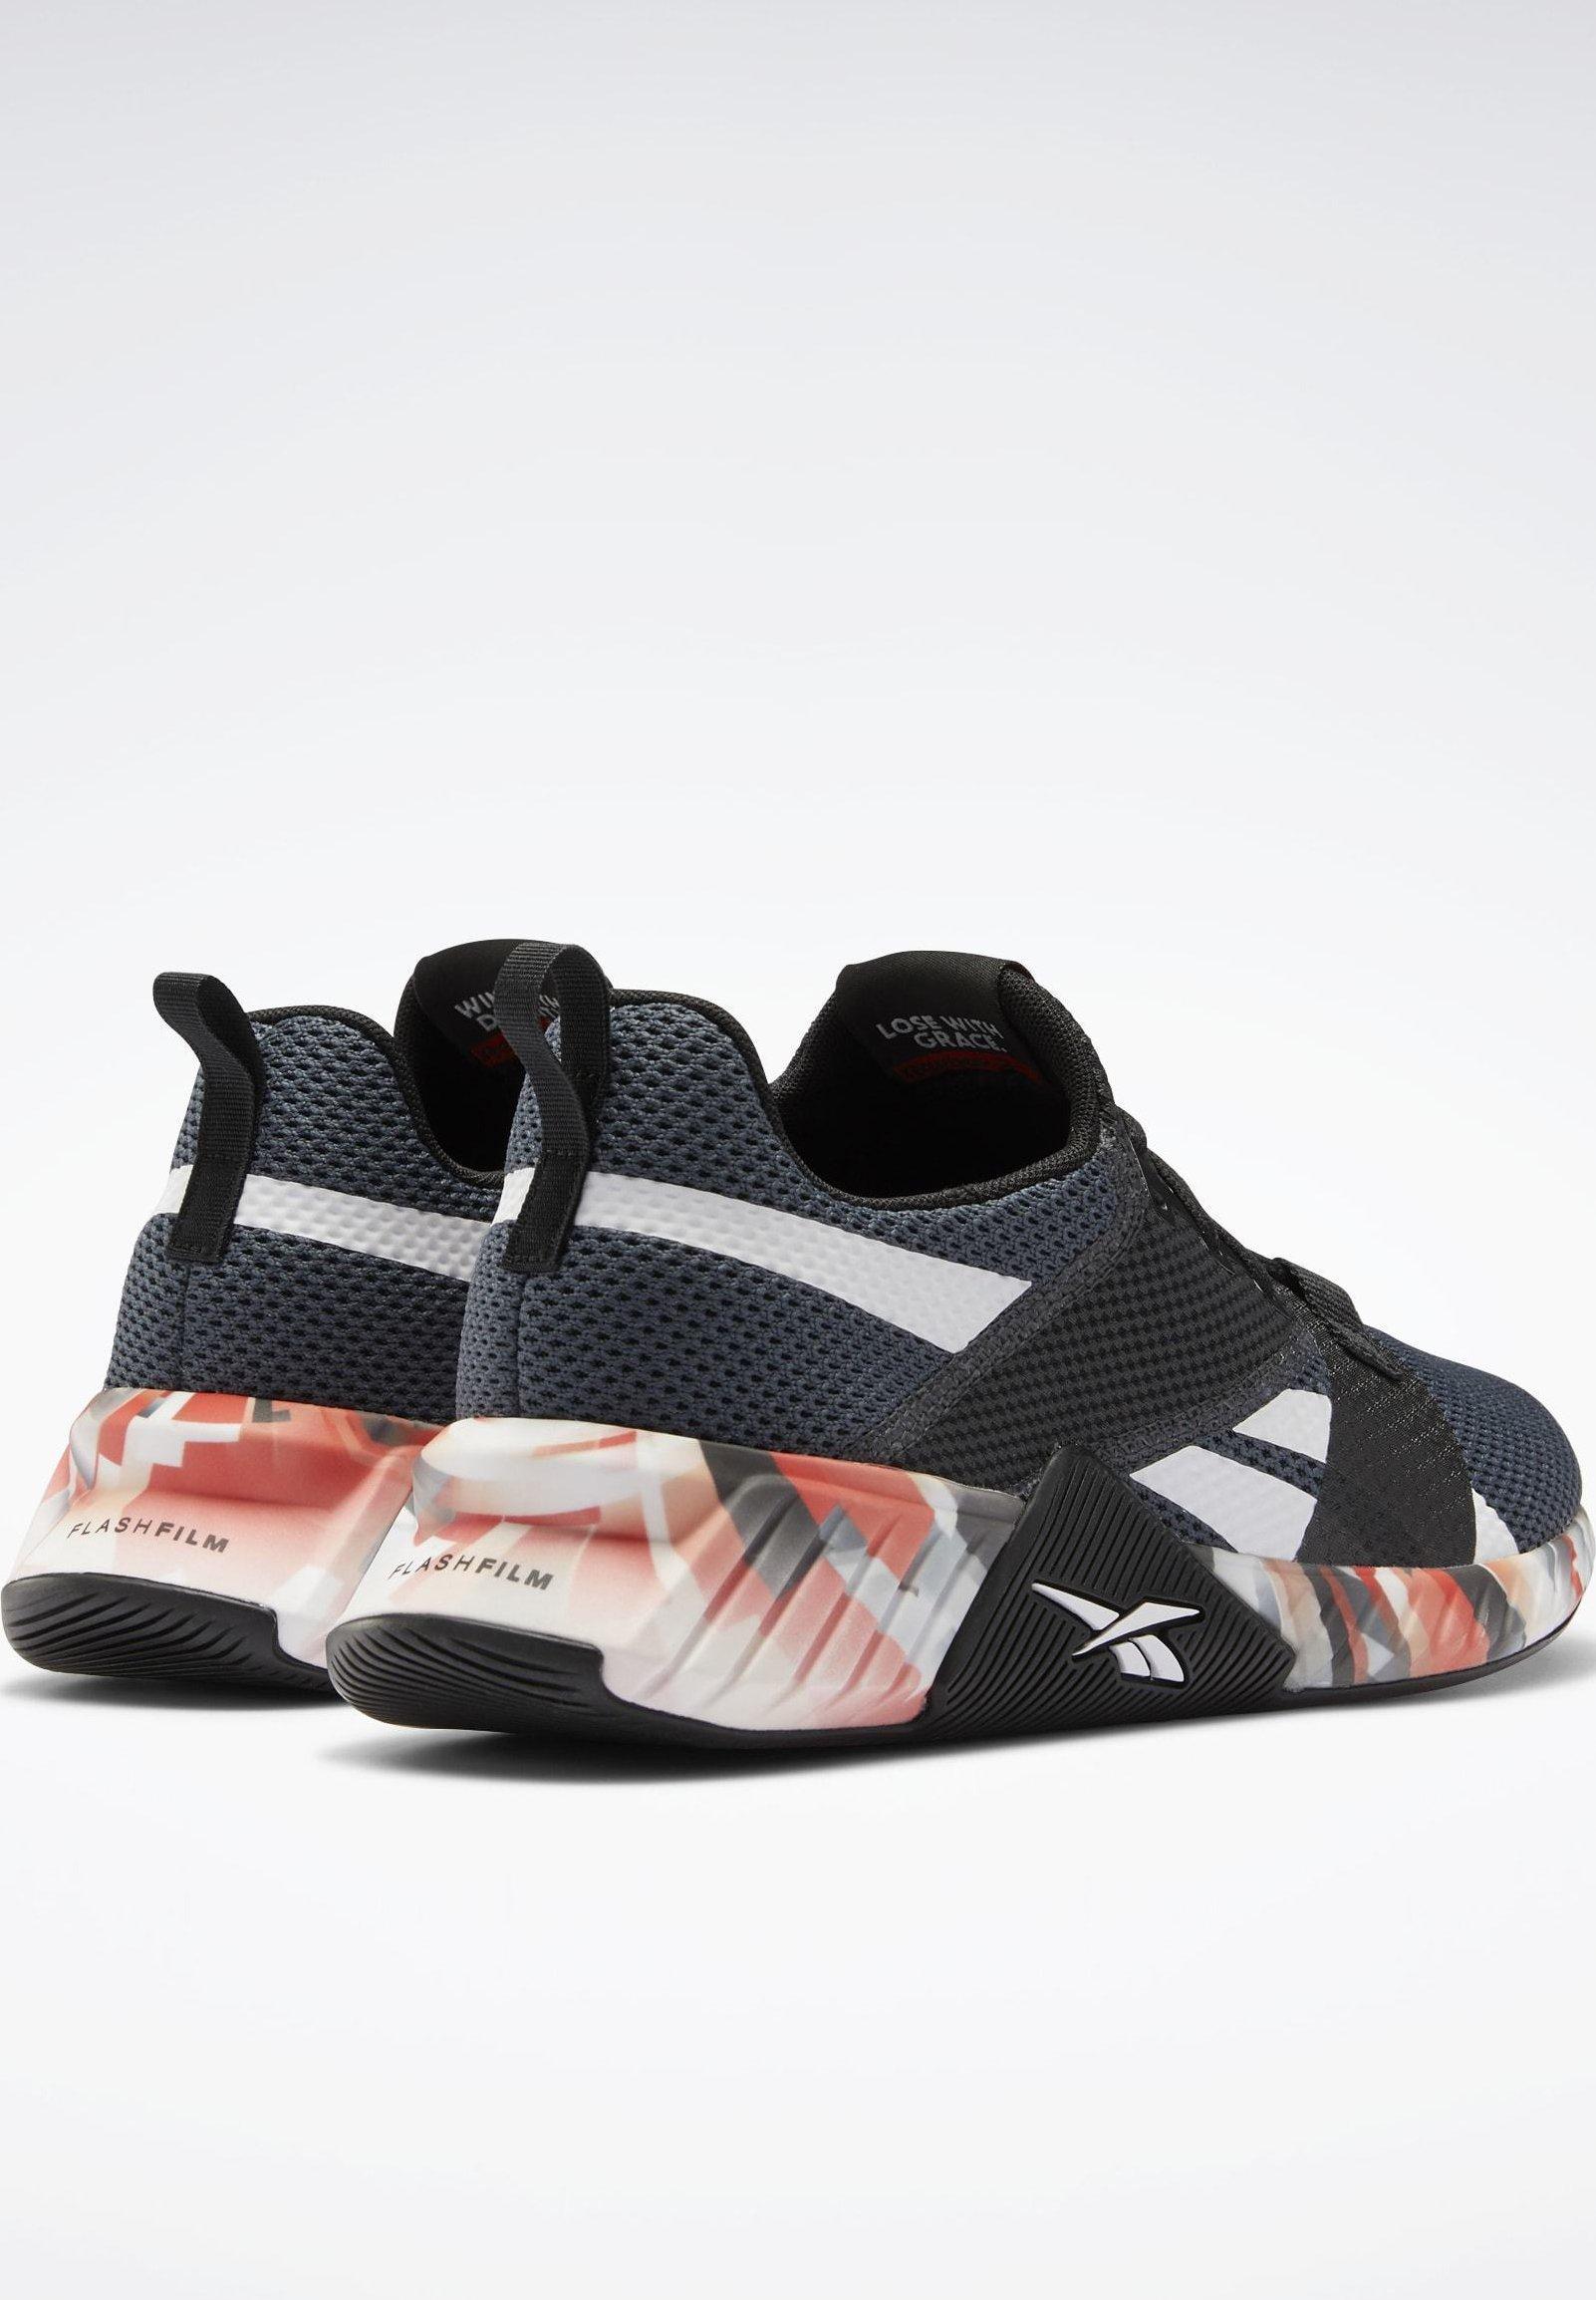 FLASHFILM TRAIN 2 Chaussures d'entraînement et de fitness black